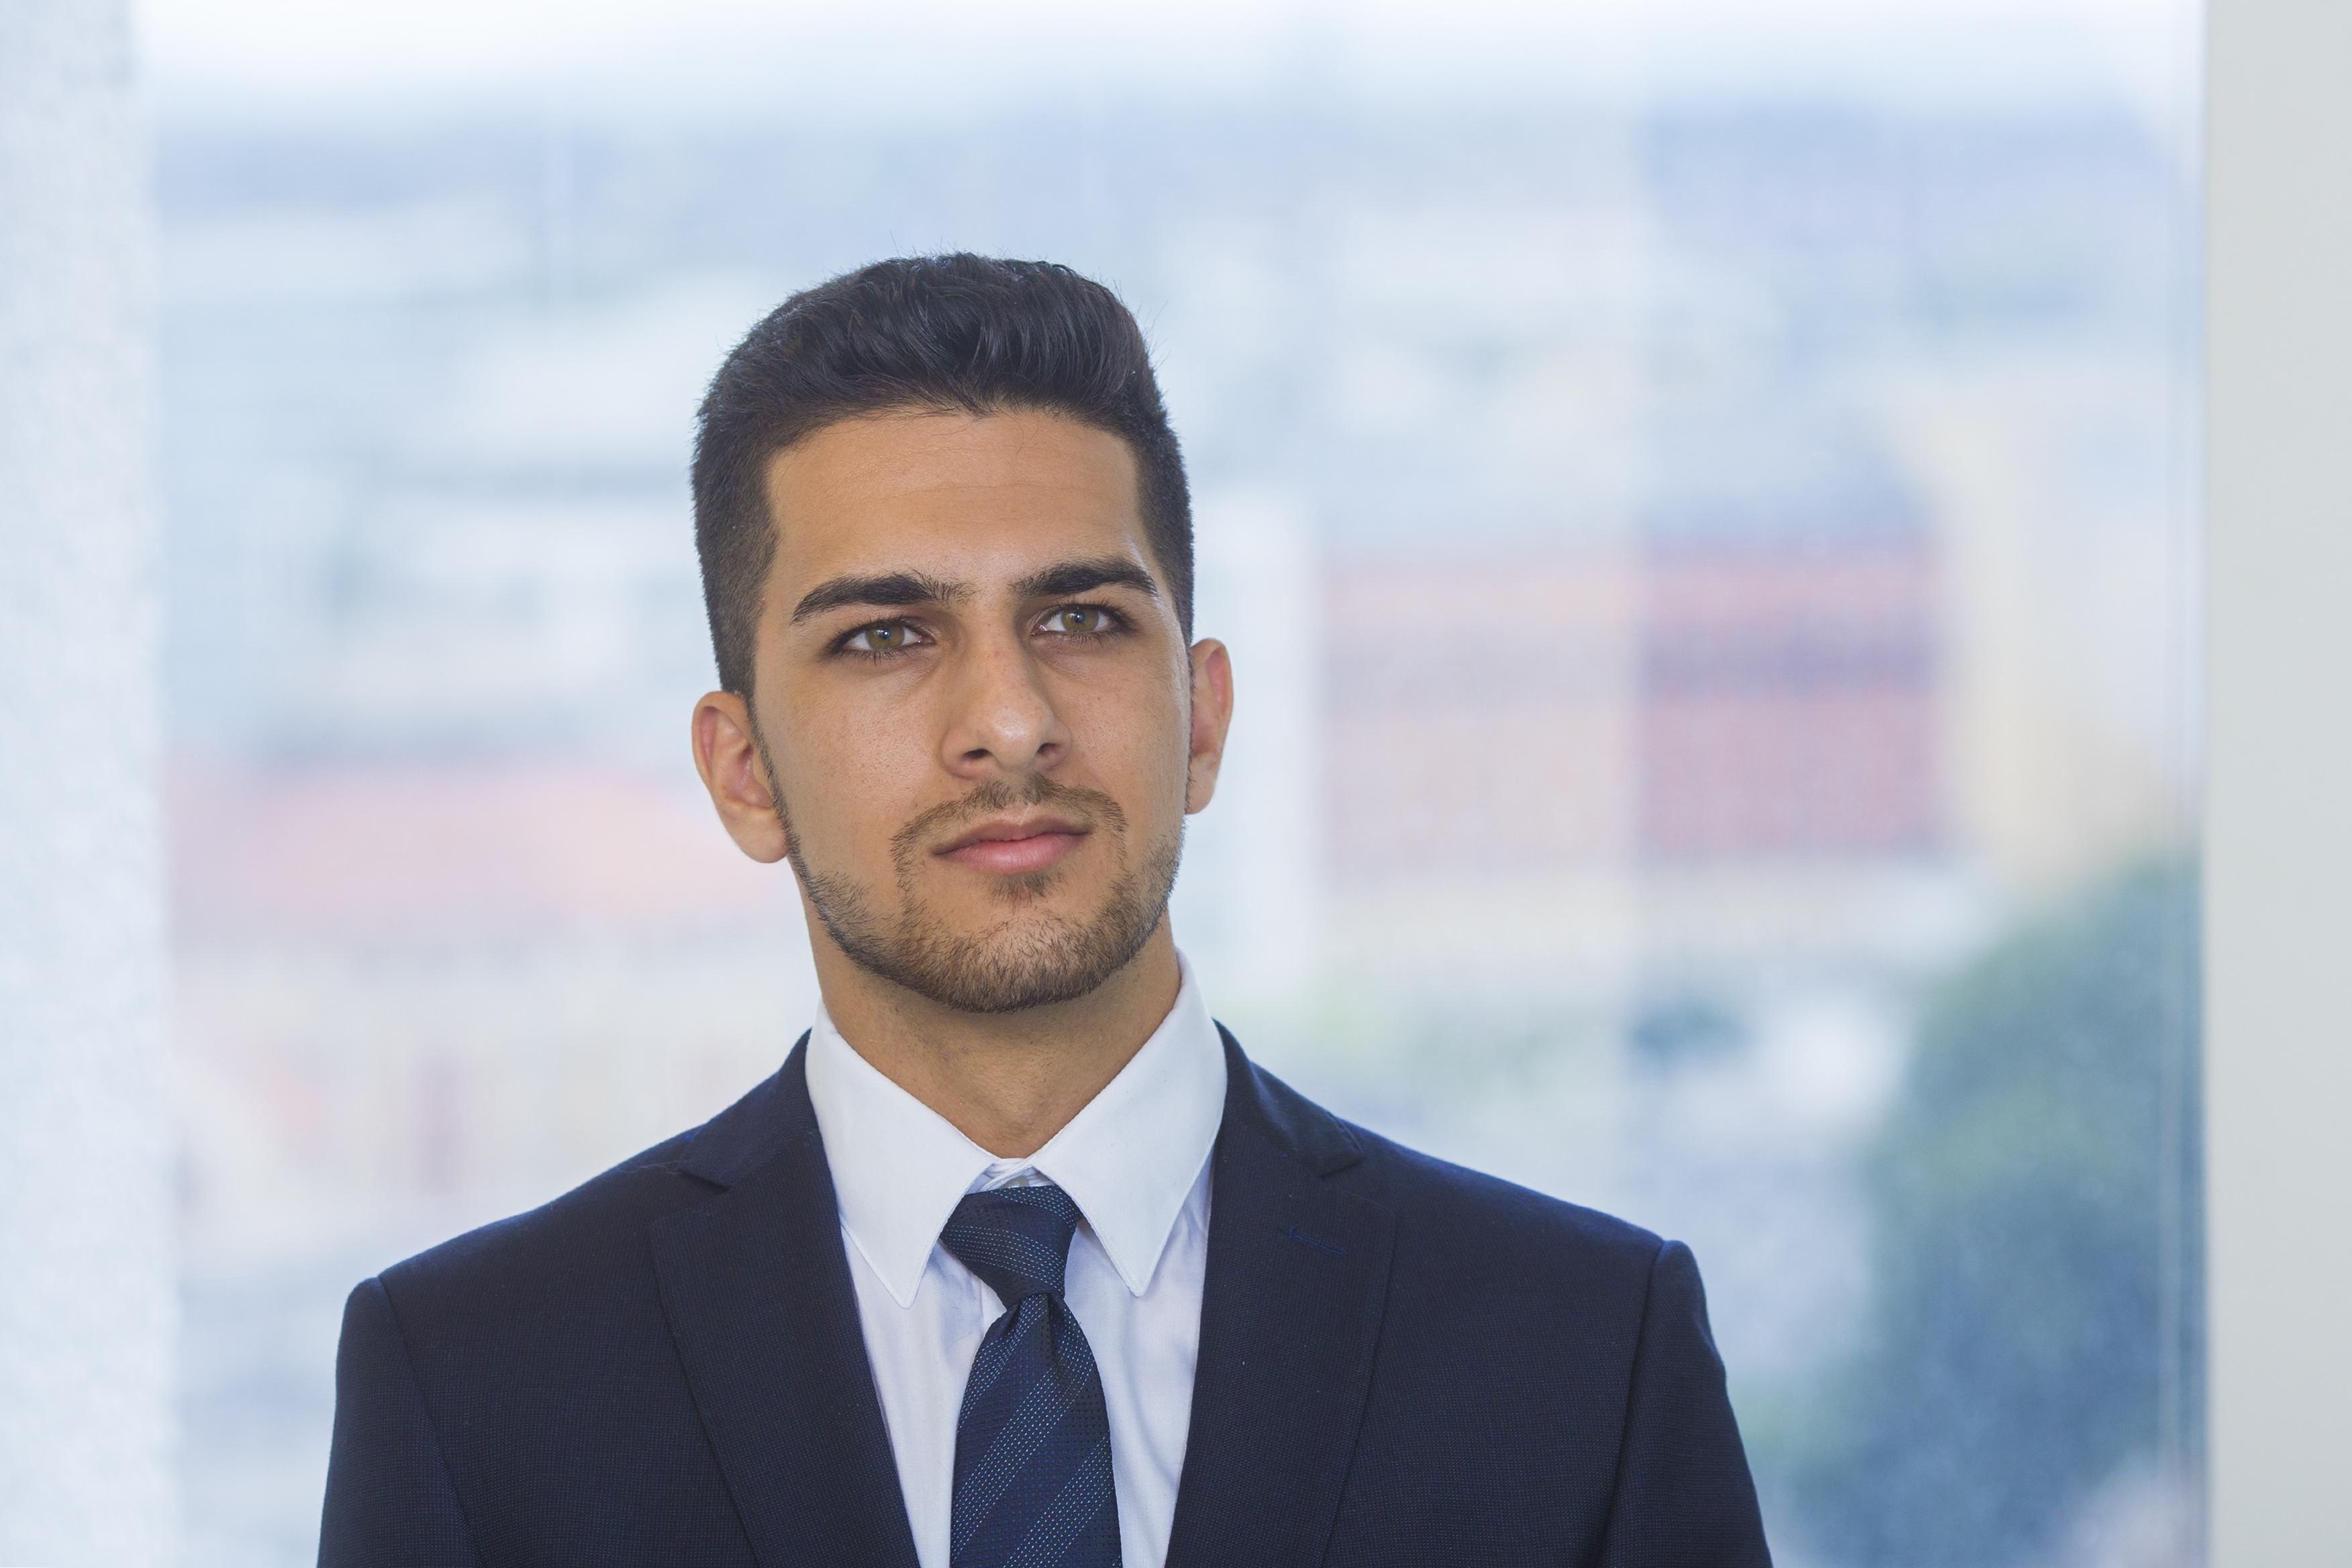 Aziz Deen